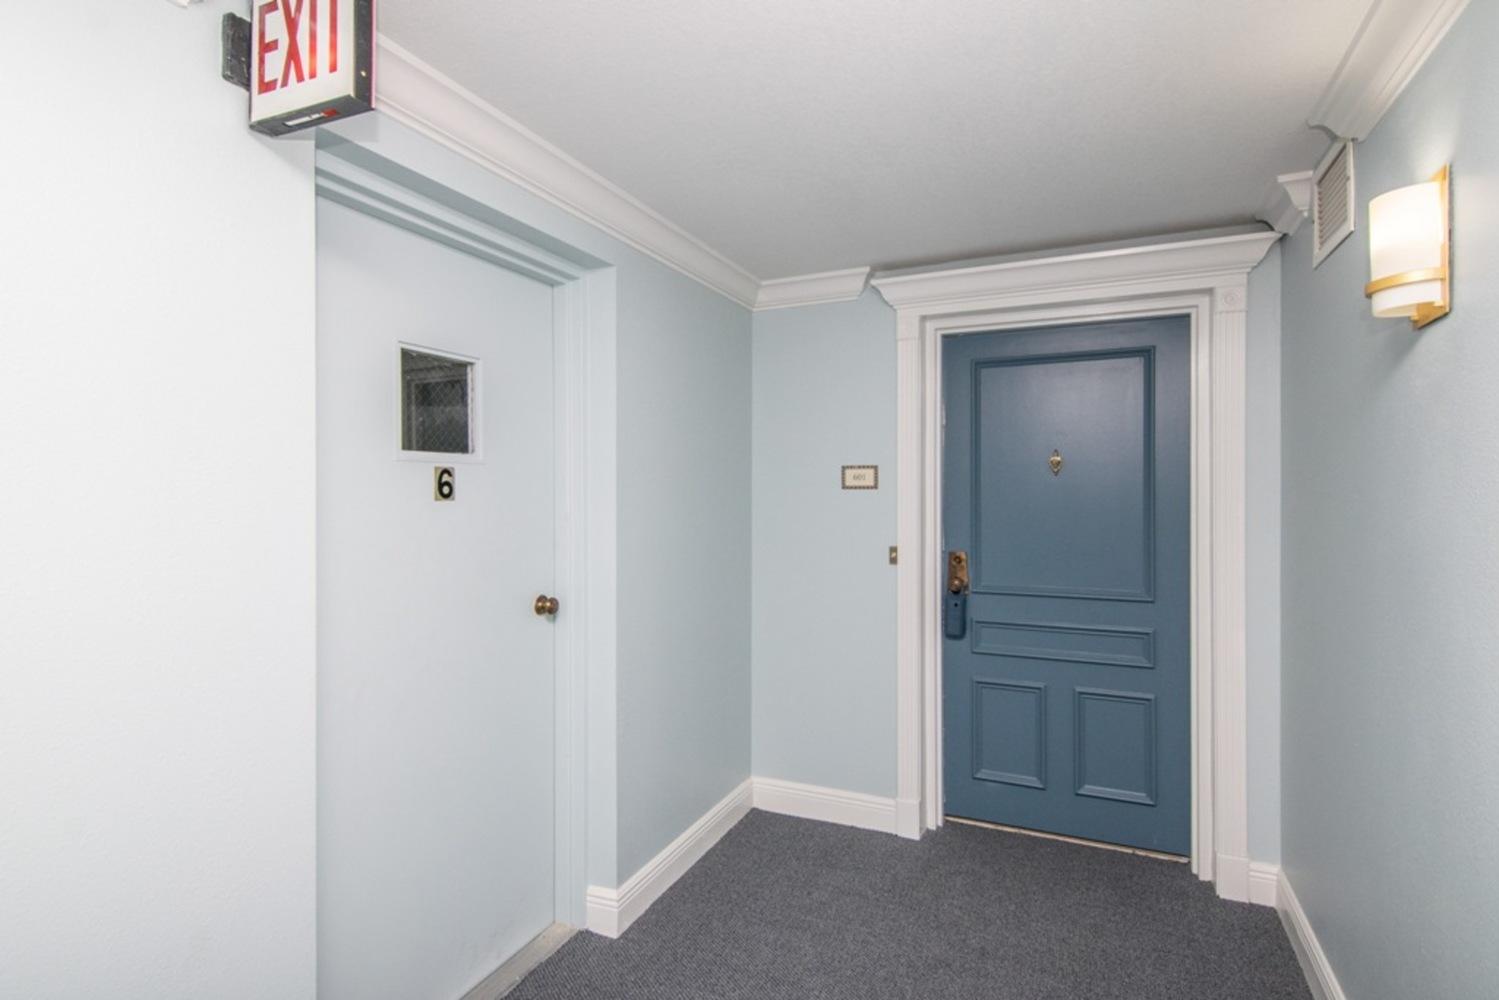 5 entry